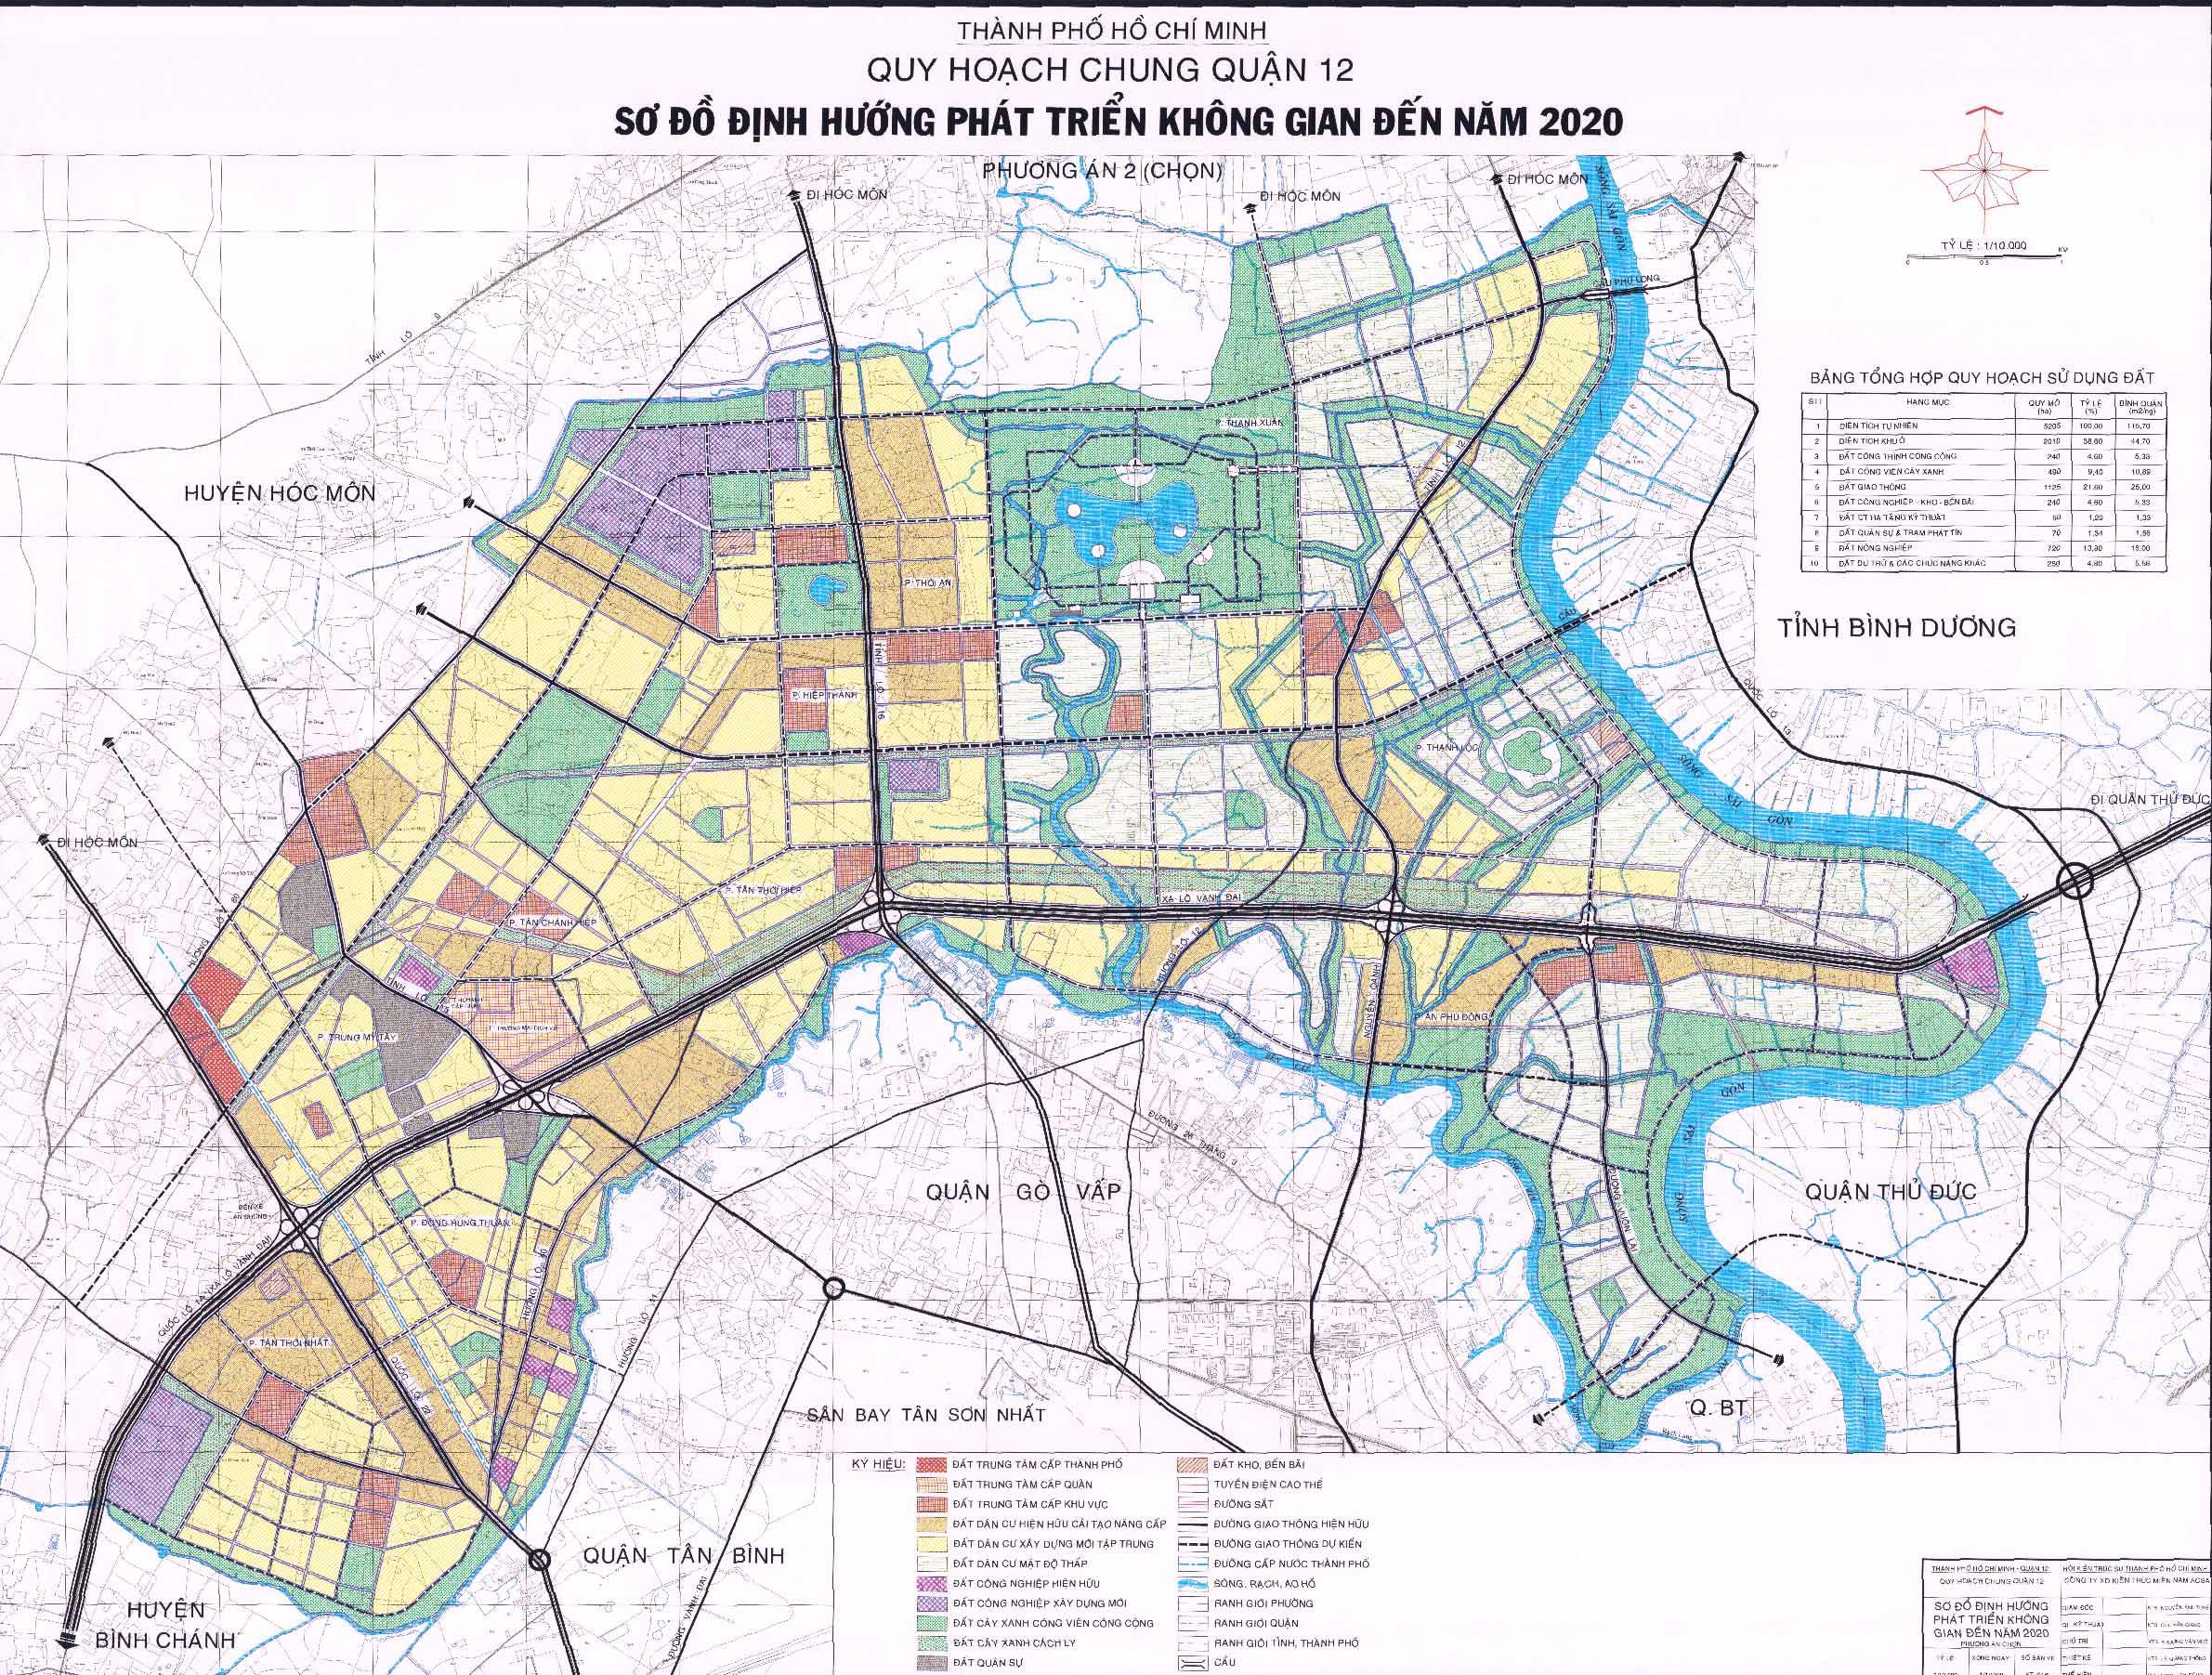 Cần mua 4 khu đất từ 3,5 hecta đến trên 70 hecta tại Quận 12 Tp.HCM